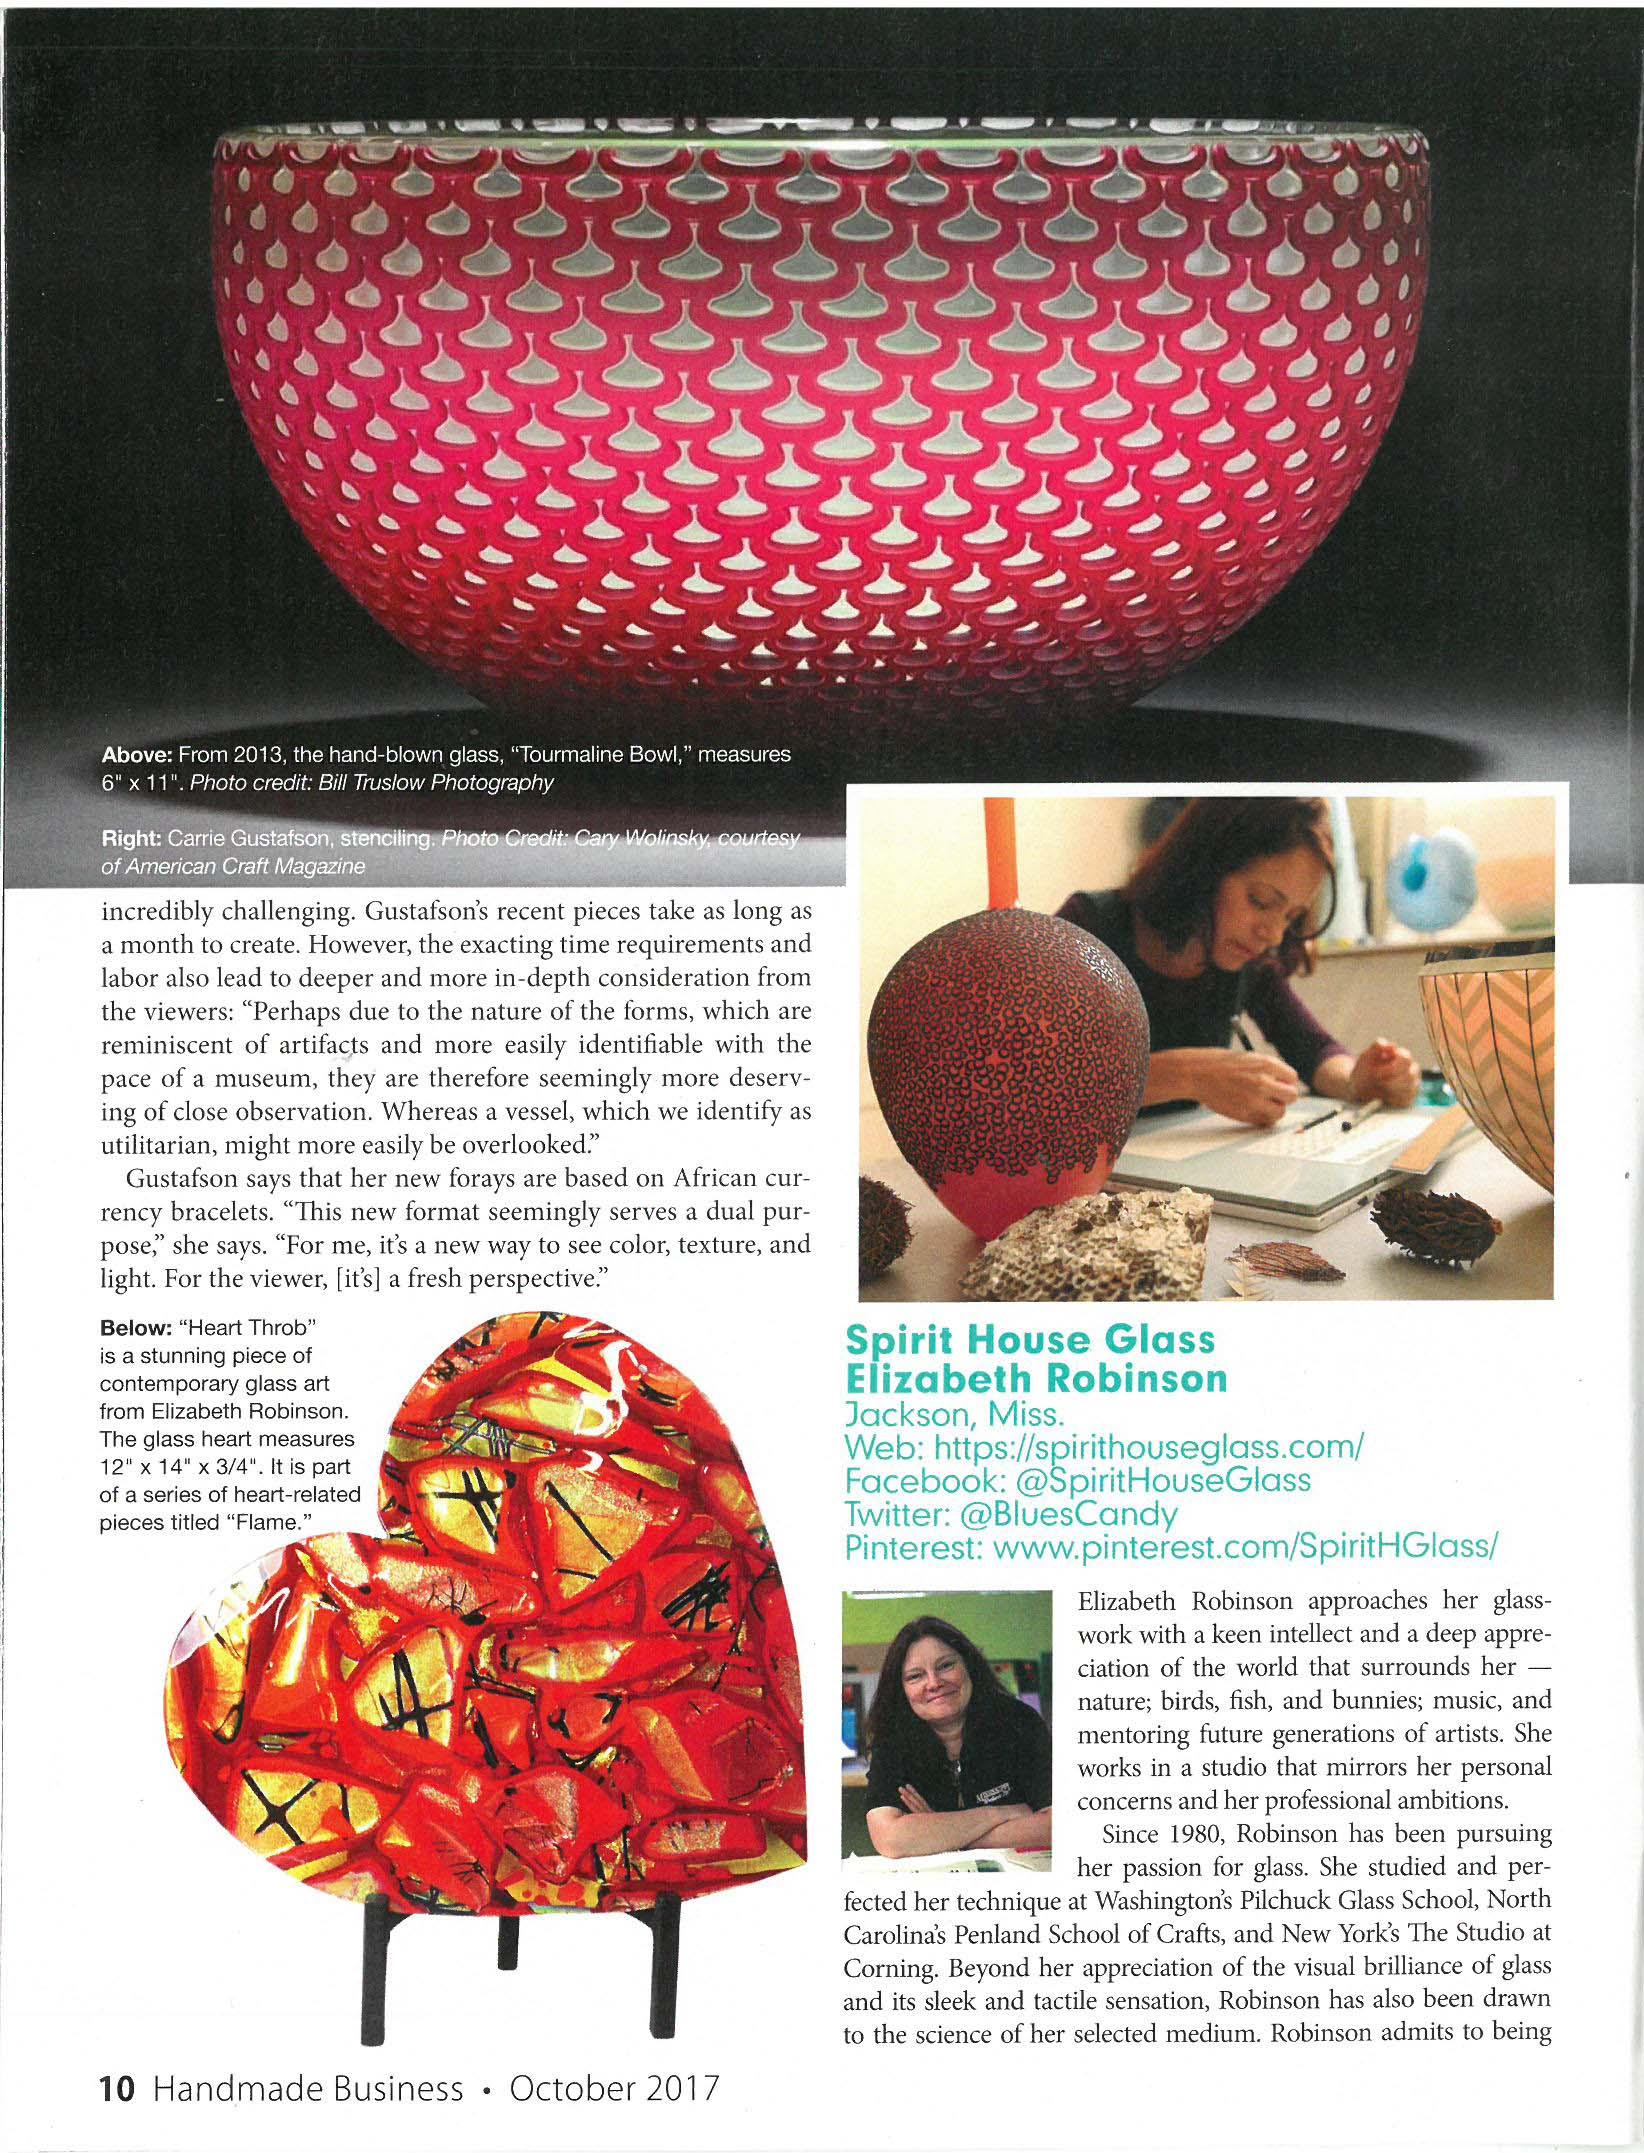 Handmade Business pg 4.jpg